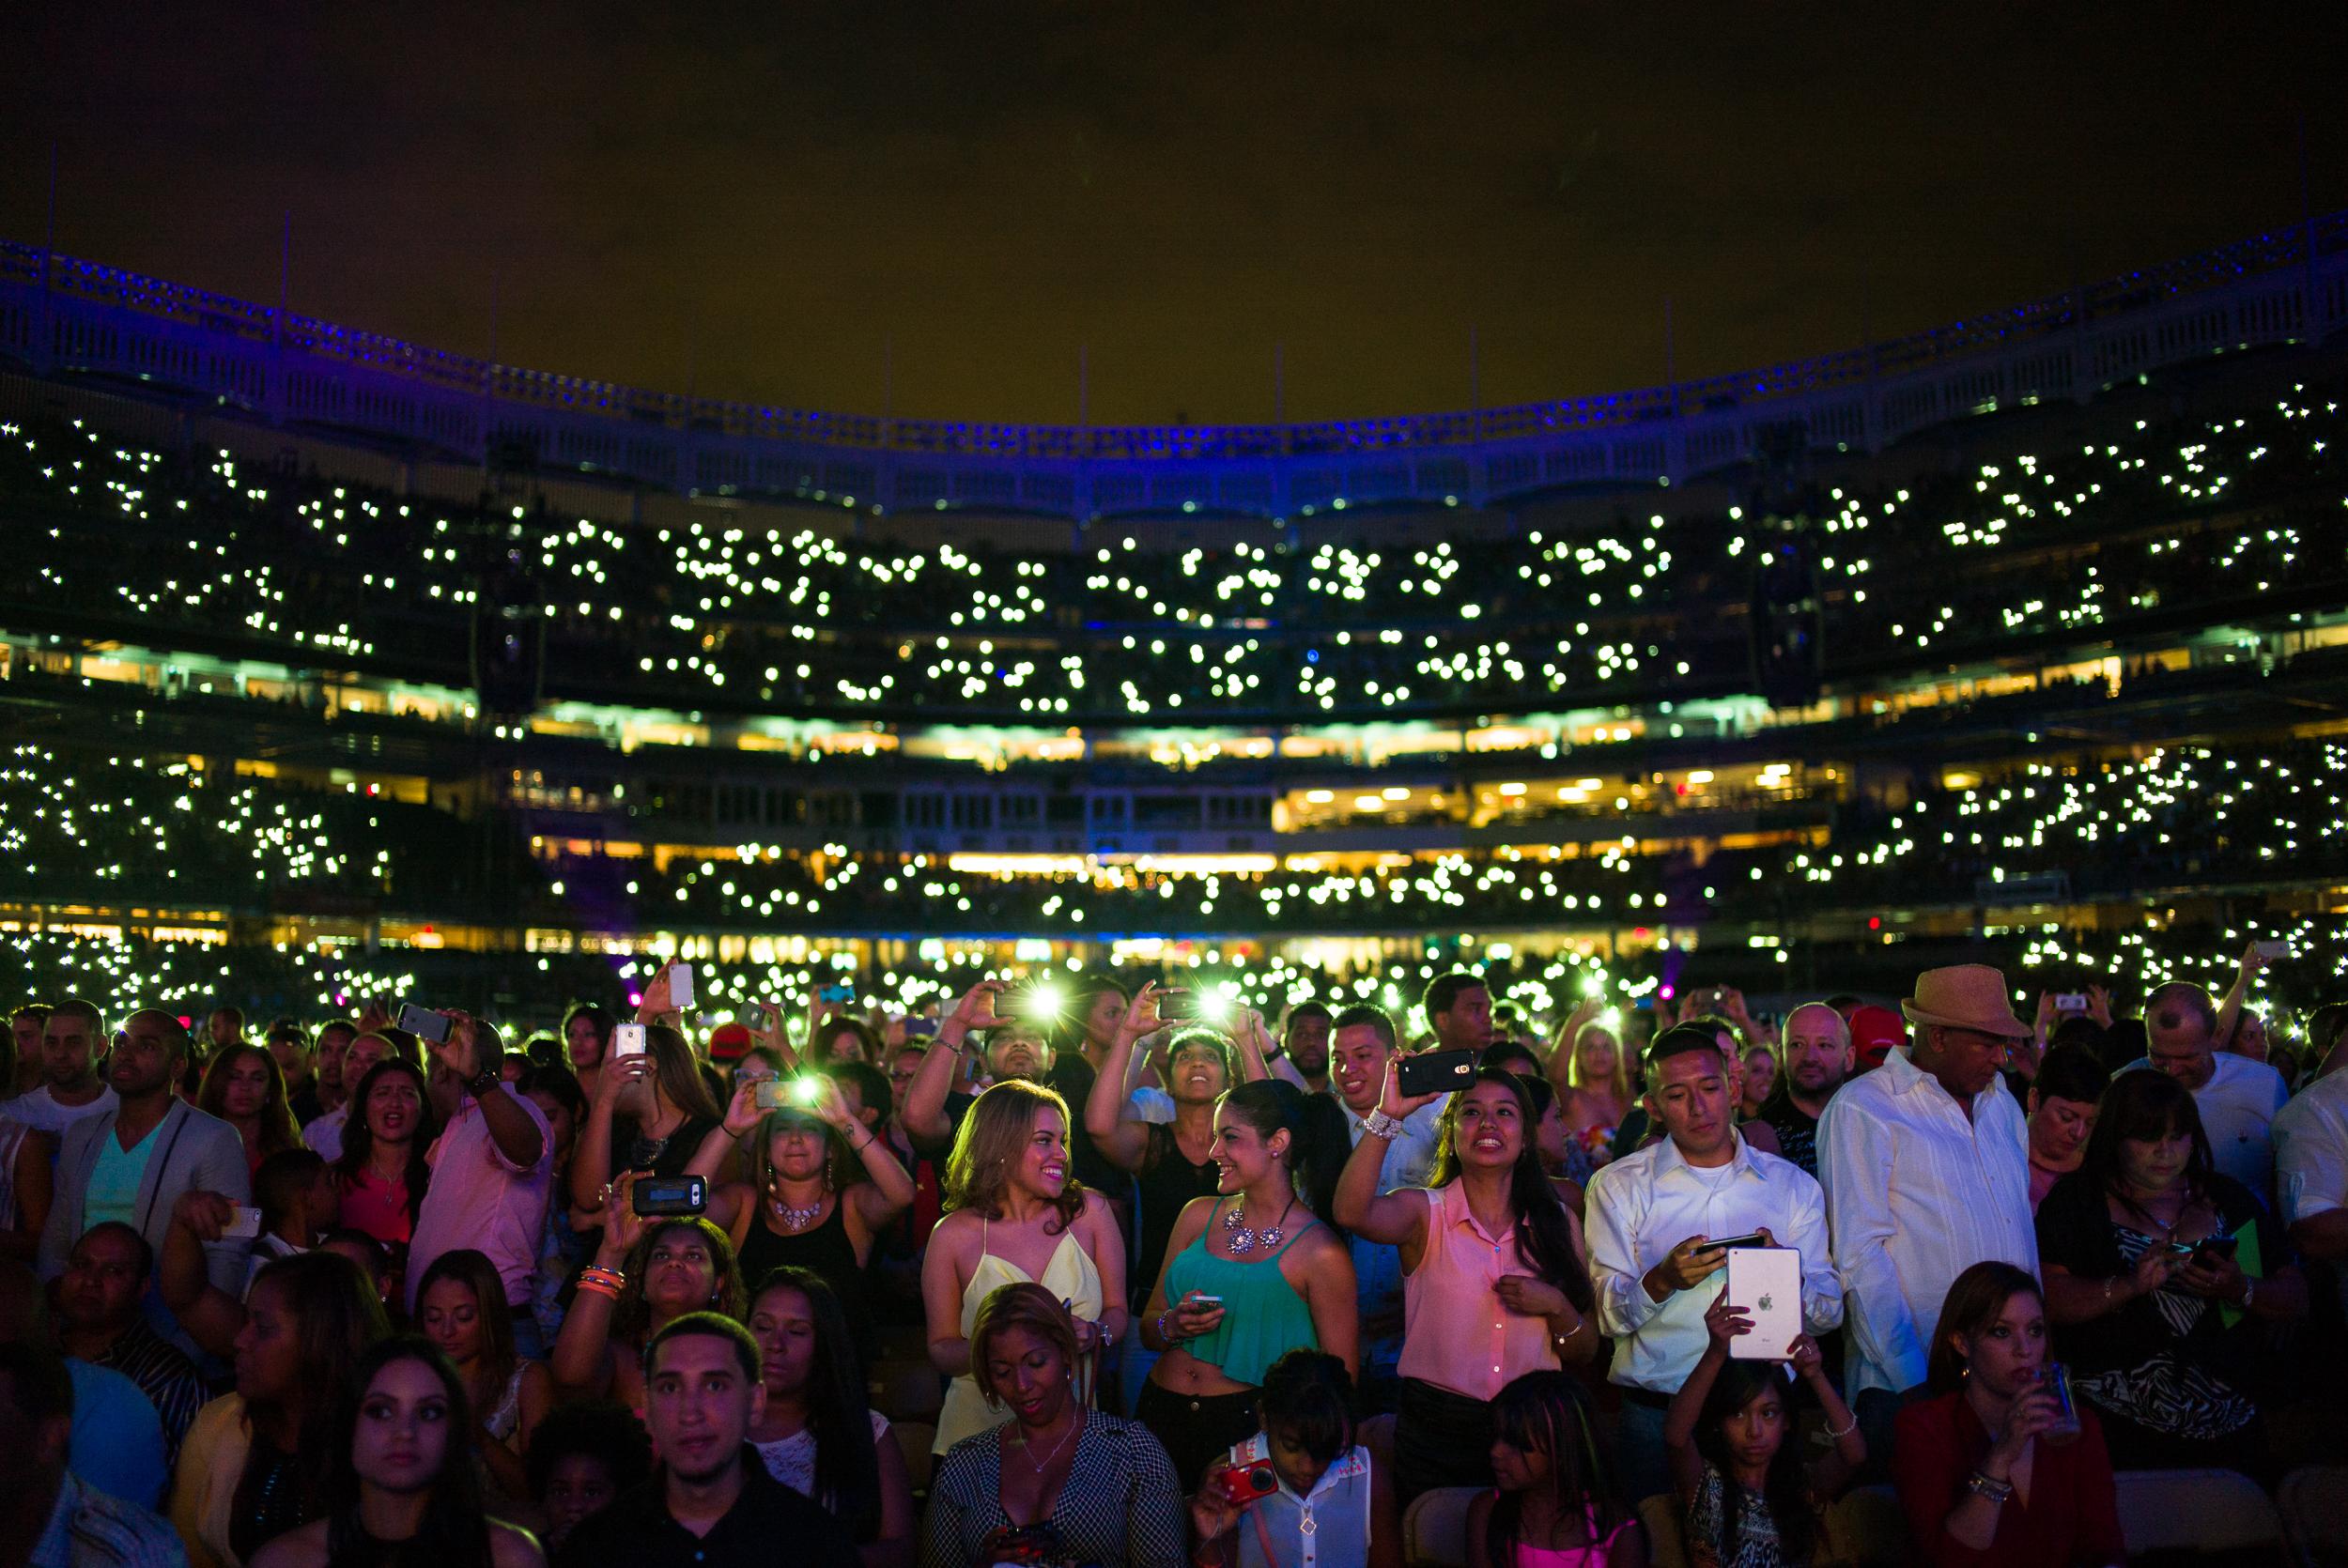 Romeo Santos - Yankee Stadium Crowd